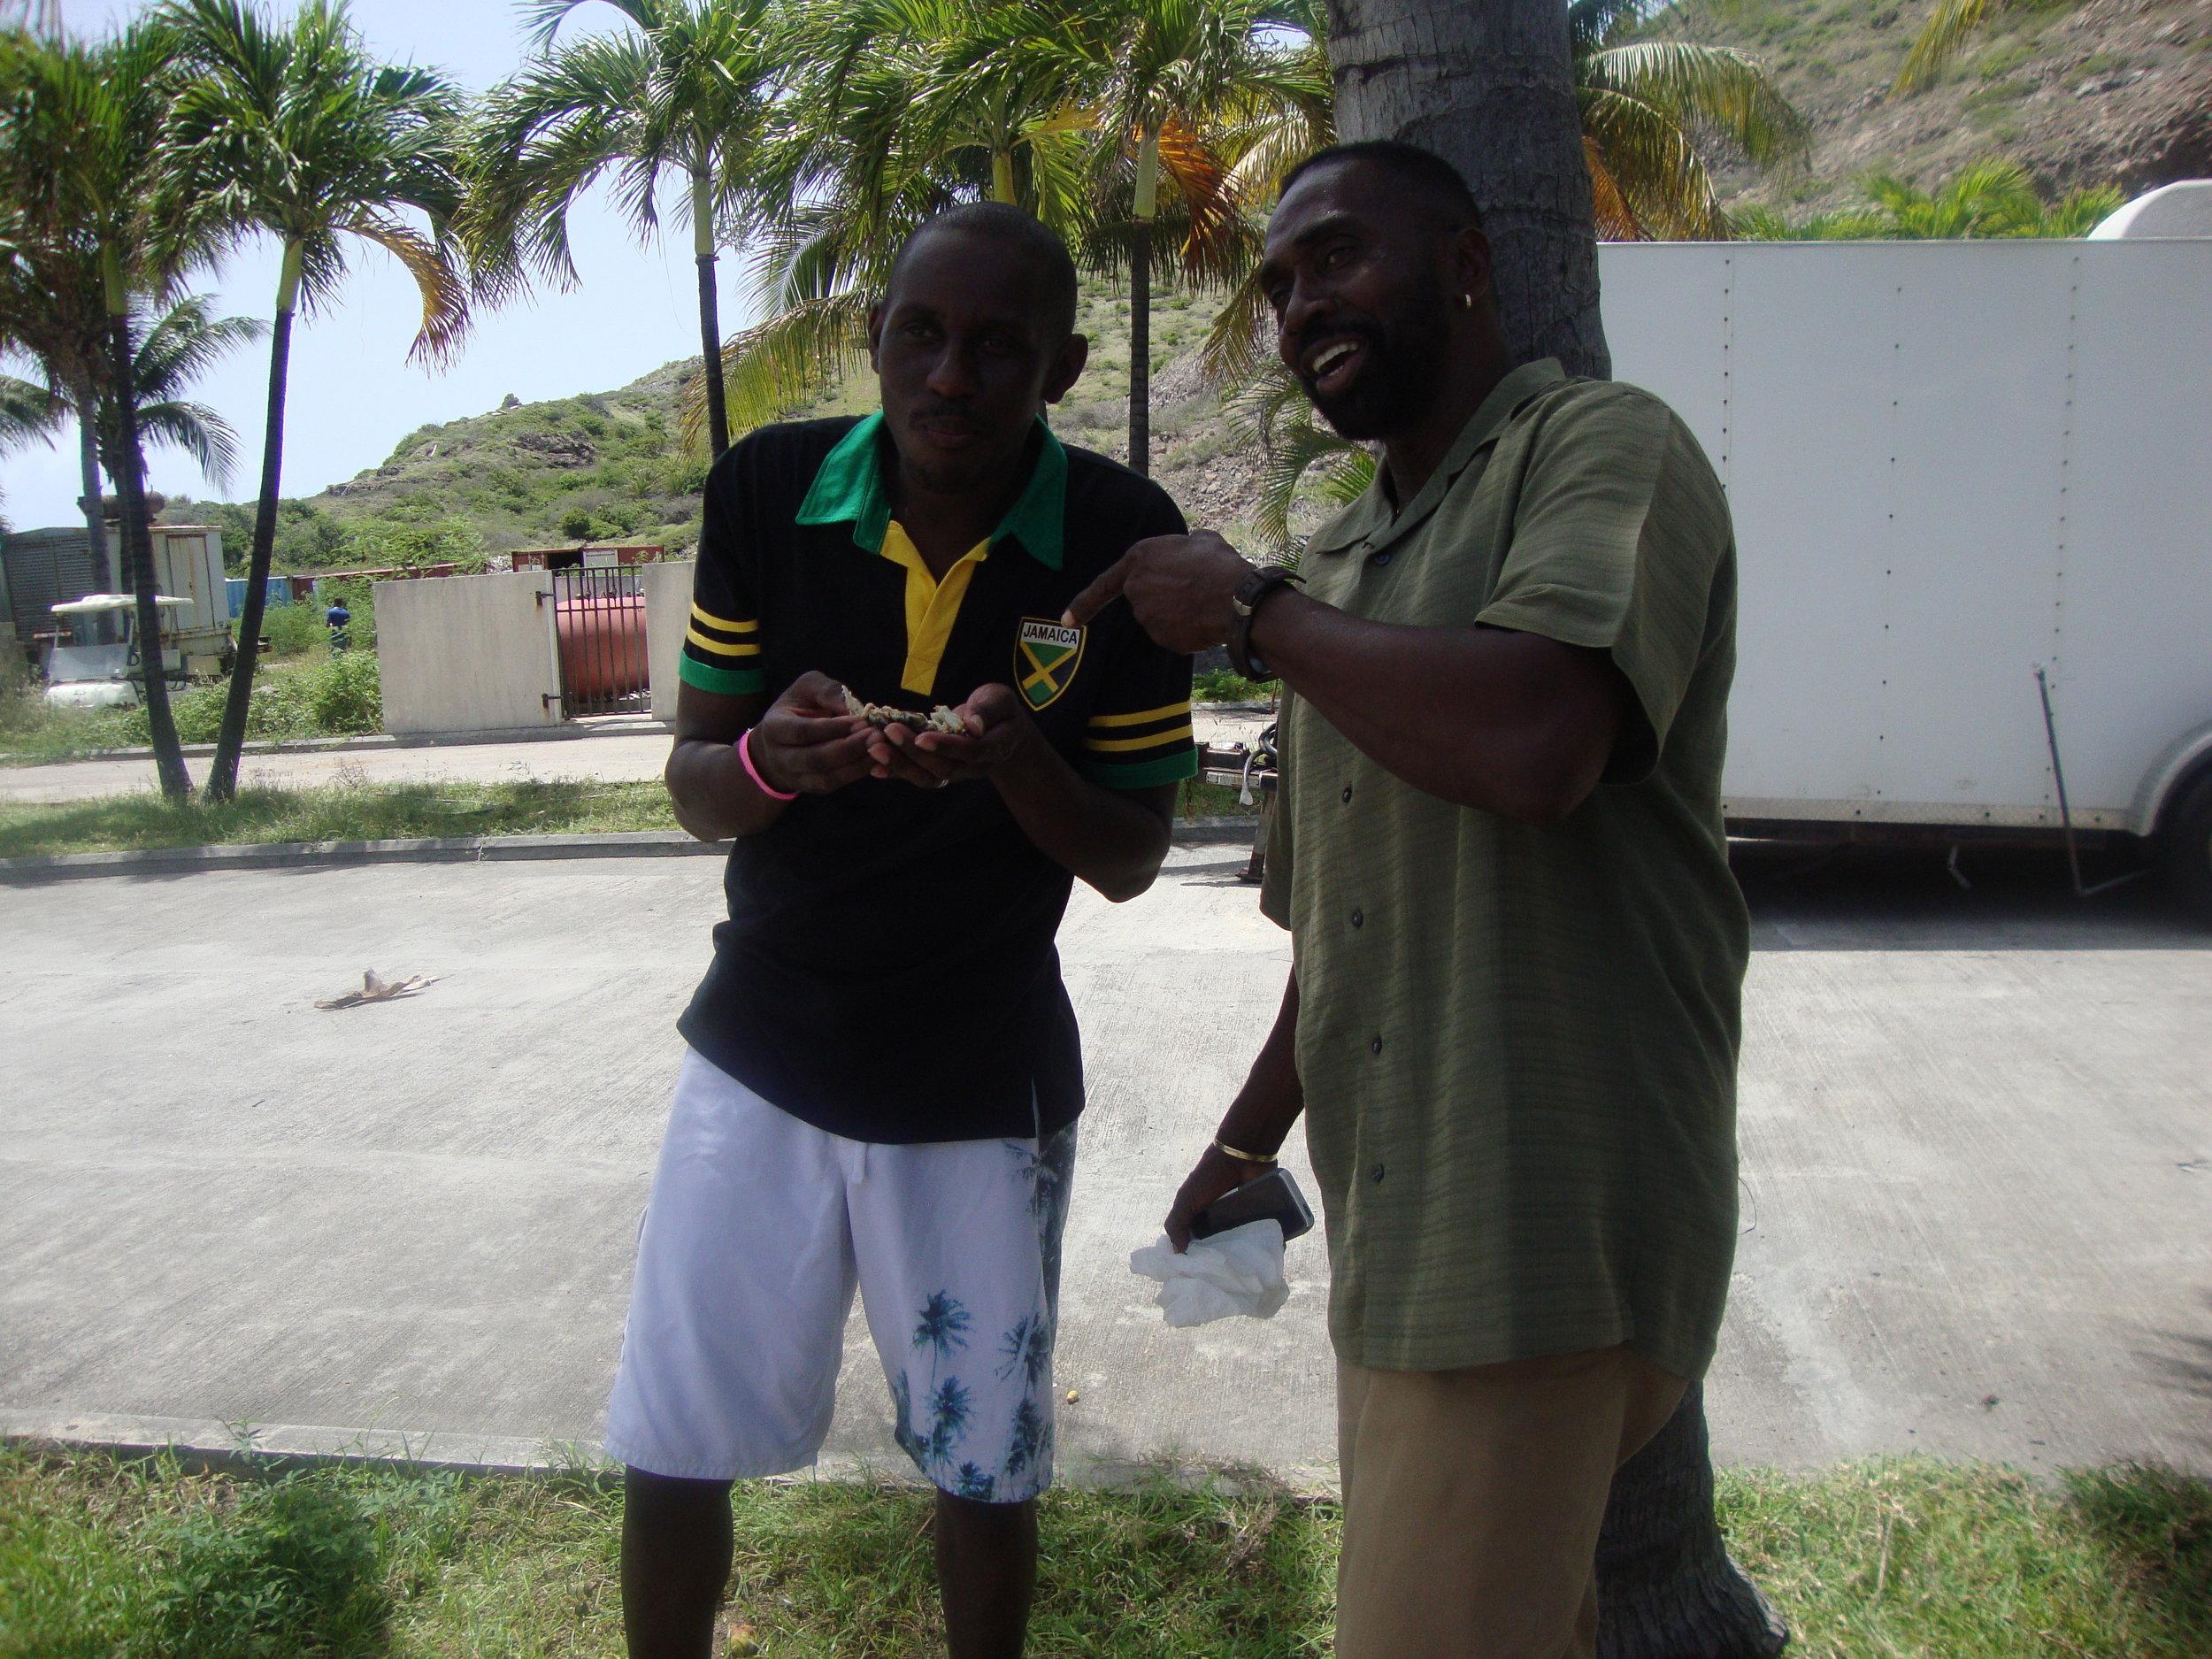 St. Kitts